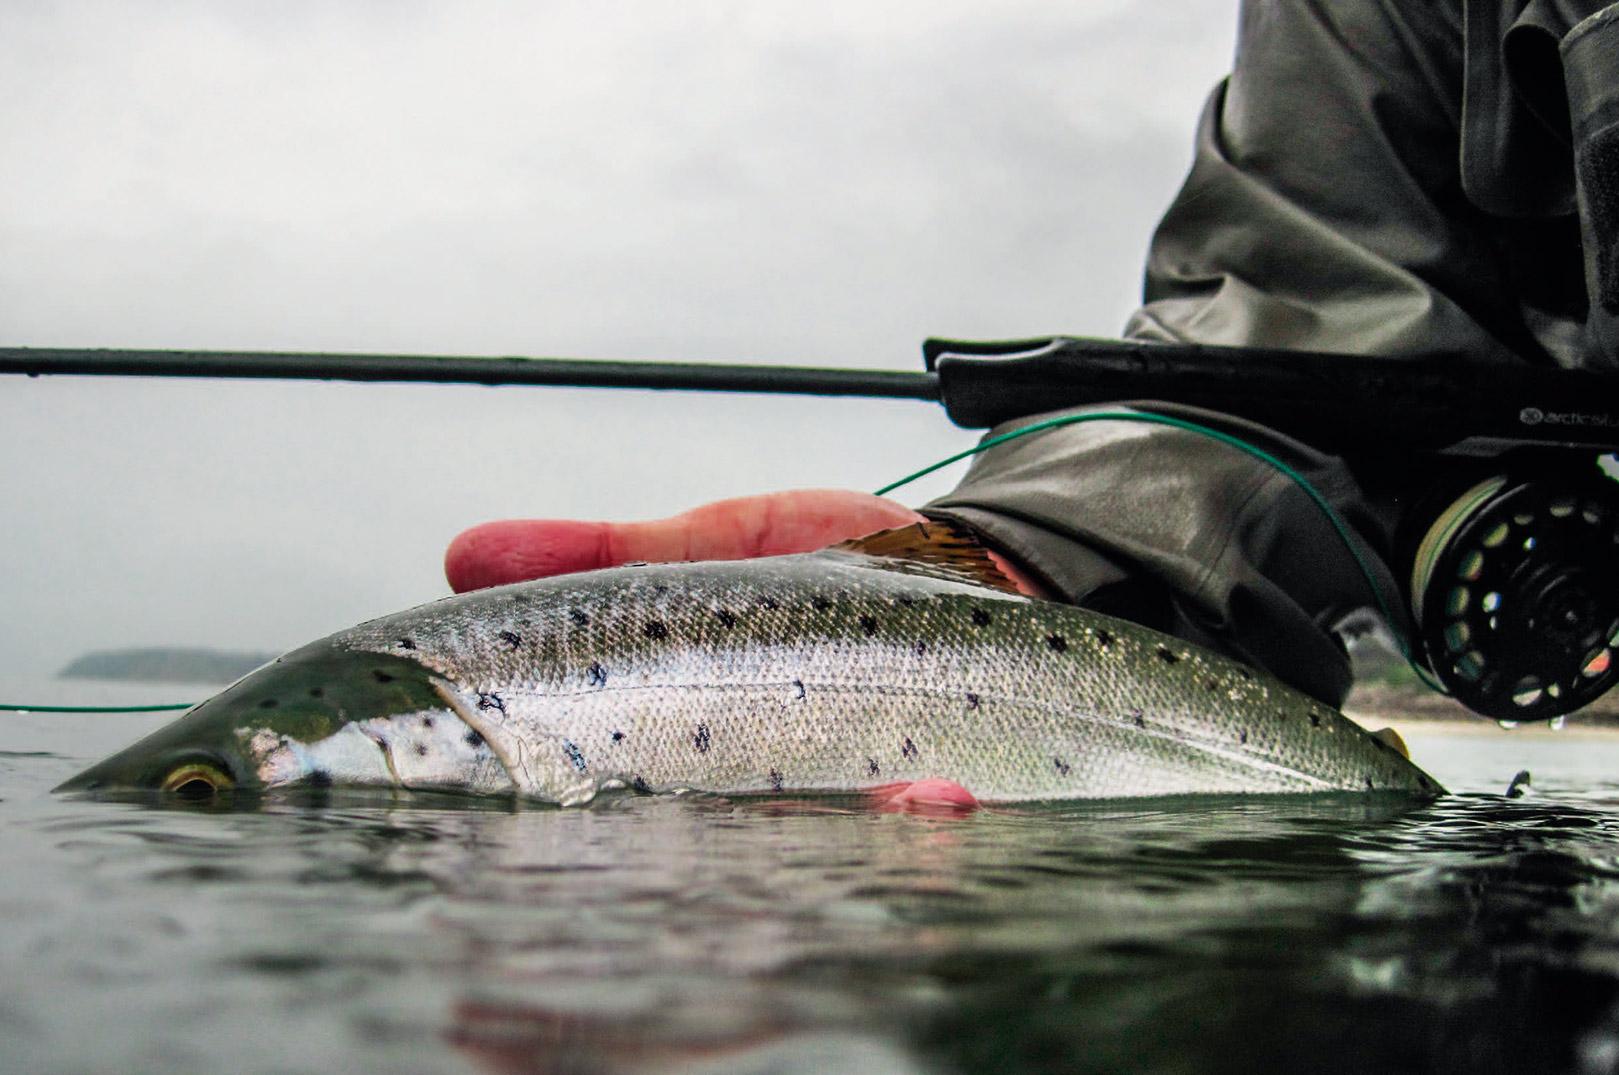 Rune Westphal gør klar til at genudsætte endnu en flot, sølvblank havørred. Han fisker ofte i spritklart vand, og her har hans utroligt livagtige imitationsfluer ofte en udslagsgivende fordel.